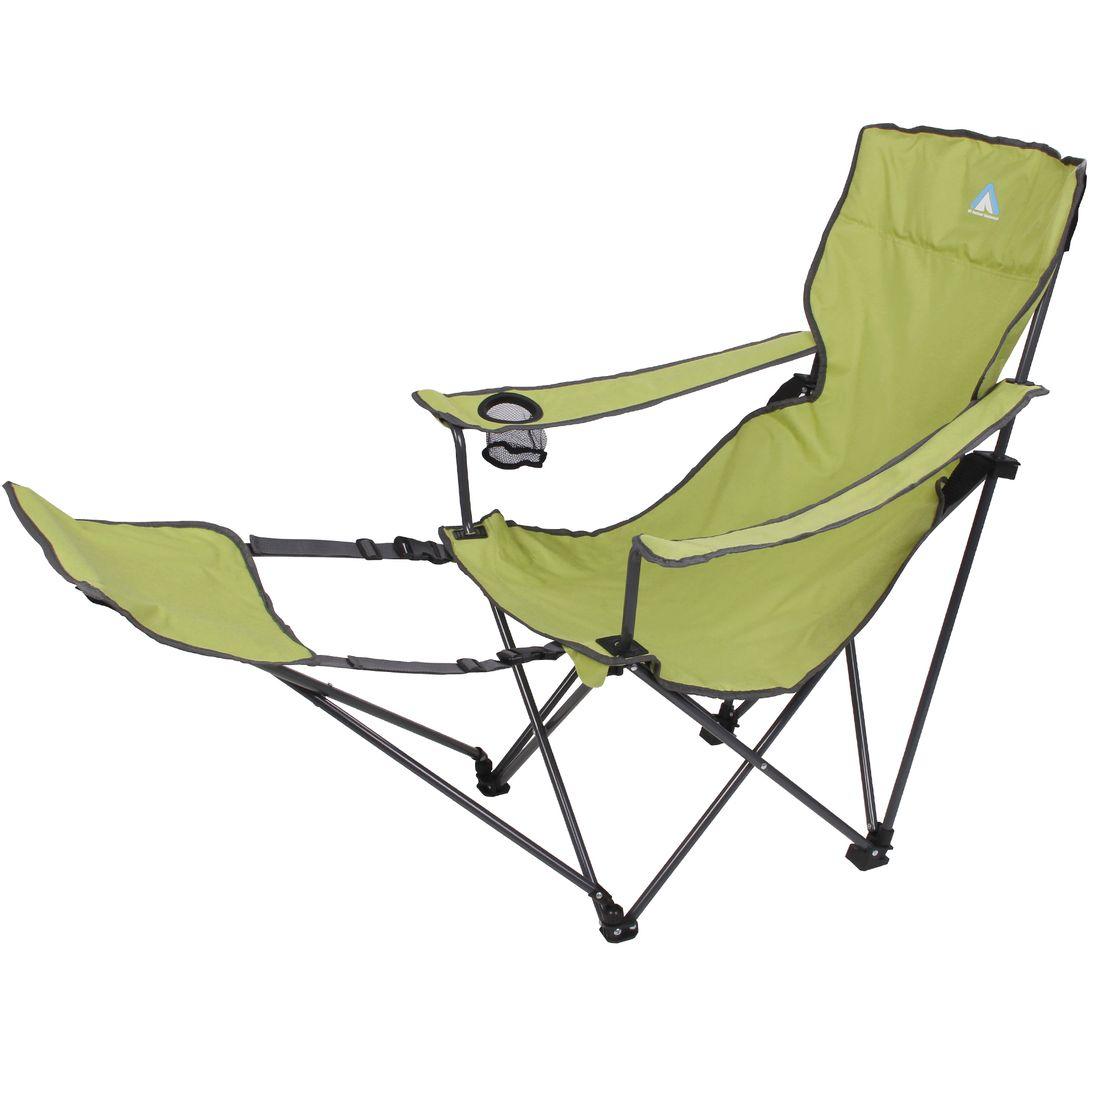 Repose Plein Camping Mobilier Air Chaise Plus Jardin Pliante Avec Beechnut Pieds 10t De Chaises Quickfold ZiPkOuX